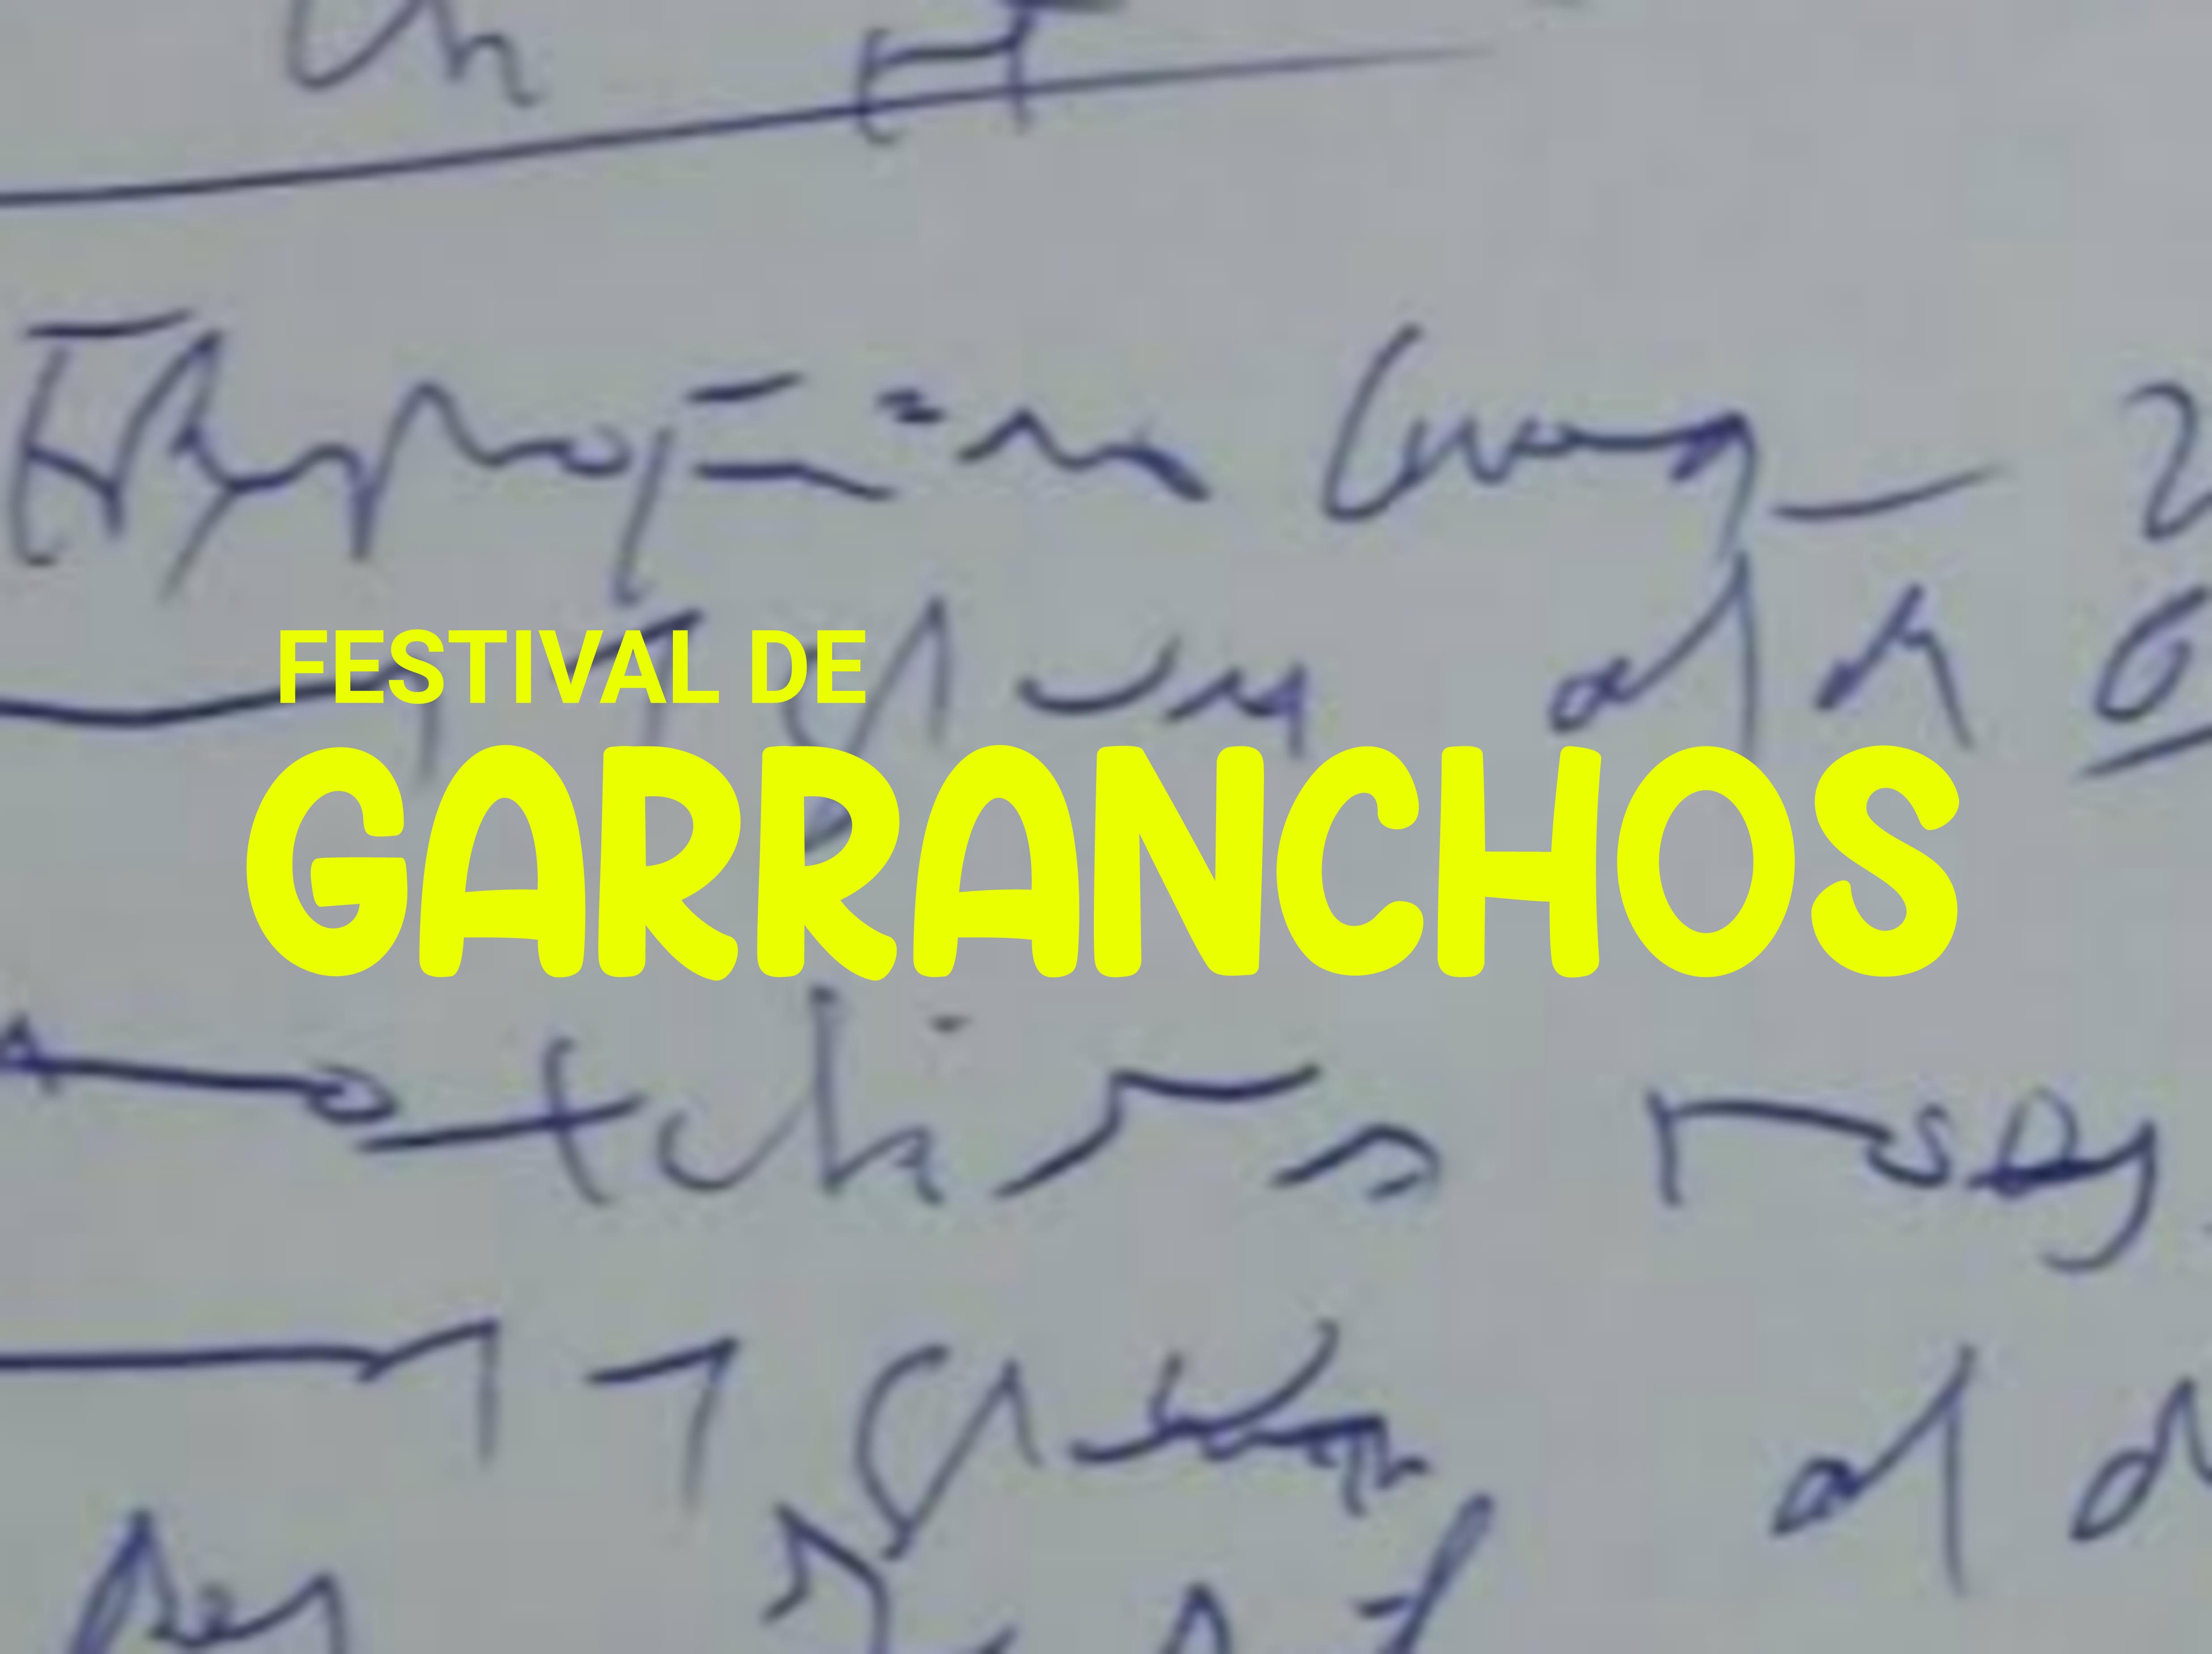 Festival de Garranchos